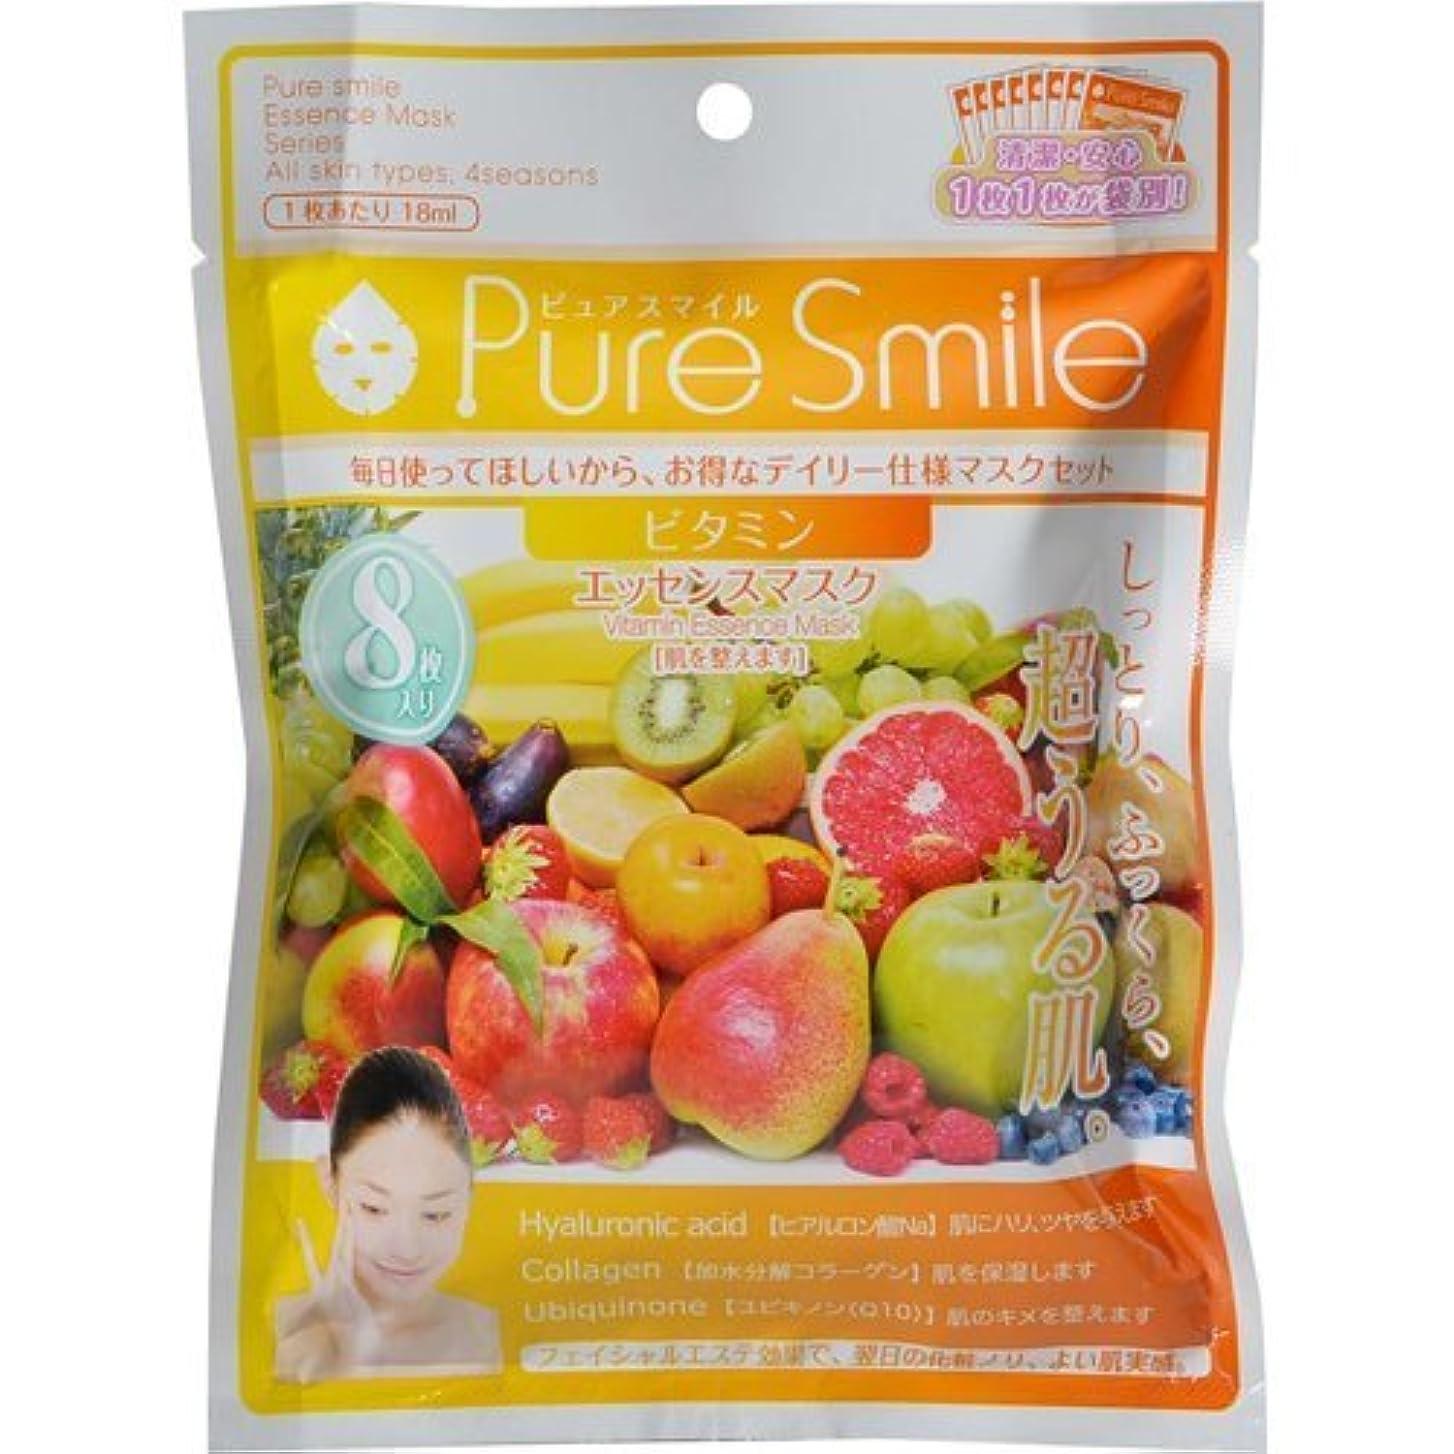 毎日根拠ポンドPure Smile エッセンスマスク8枚セット ビタミン 8枚